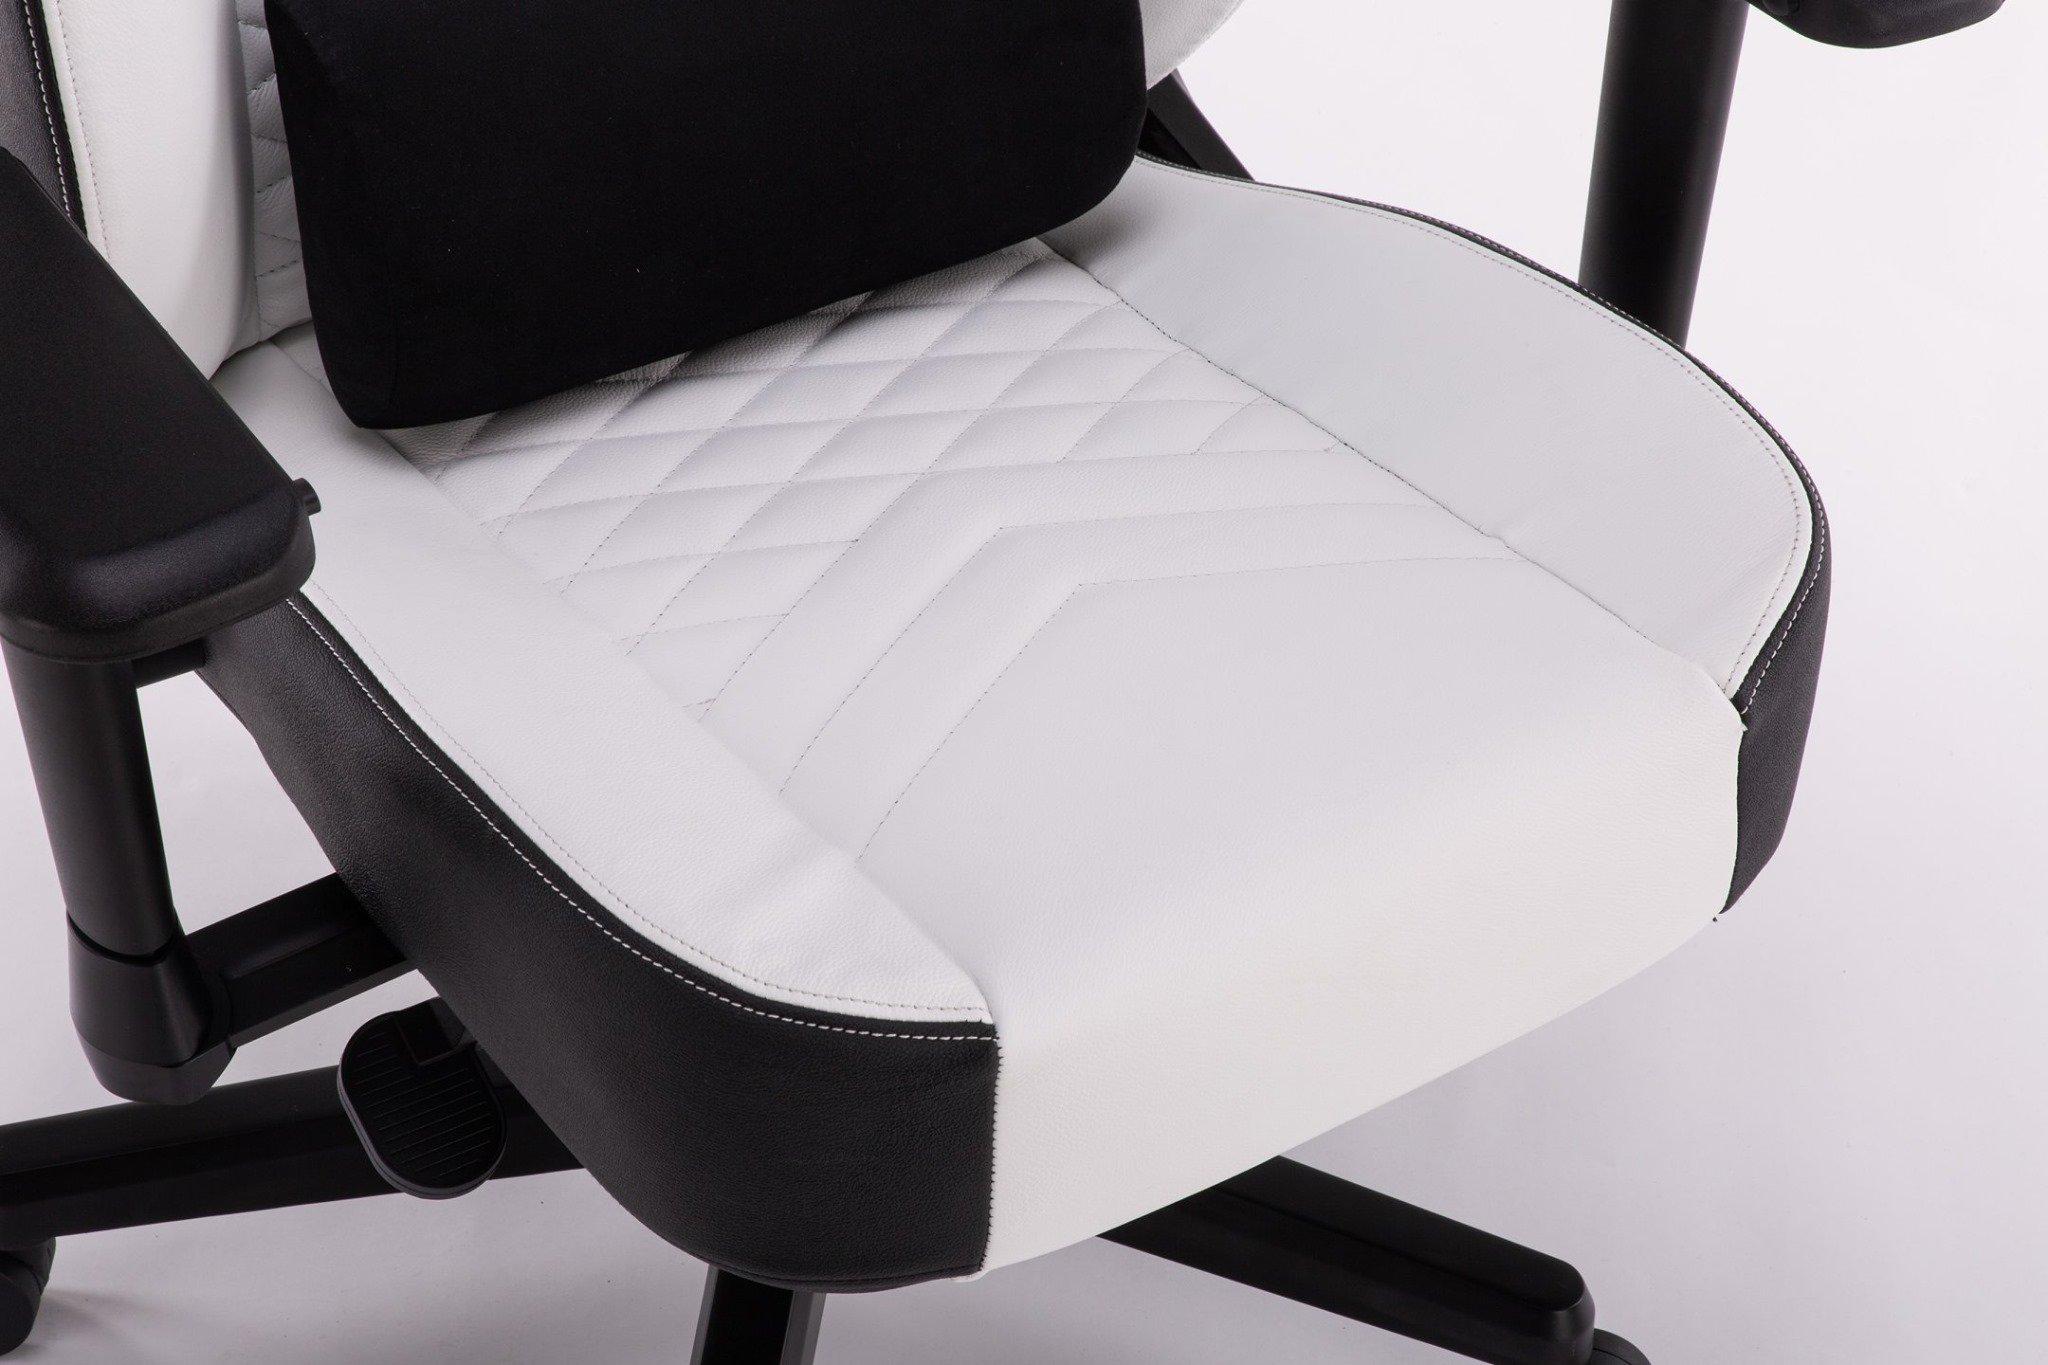 Ghế chơi game Bigboss EGC2021 Lux màu trắng - E-Dra  sử dụng đệm nguyên khối siêu dày